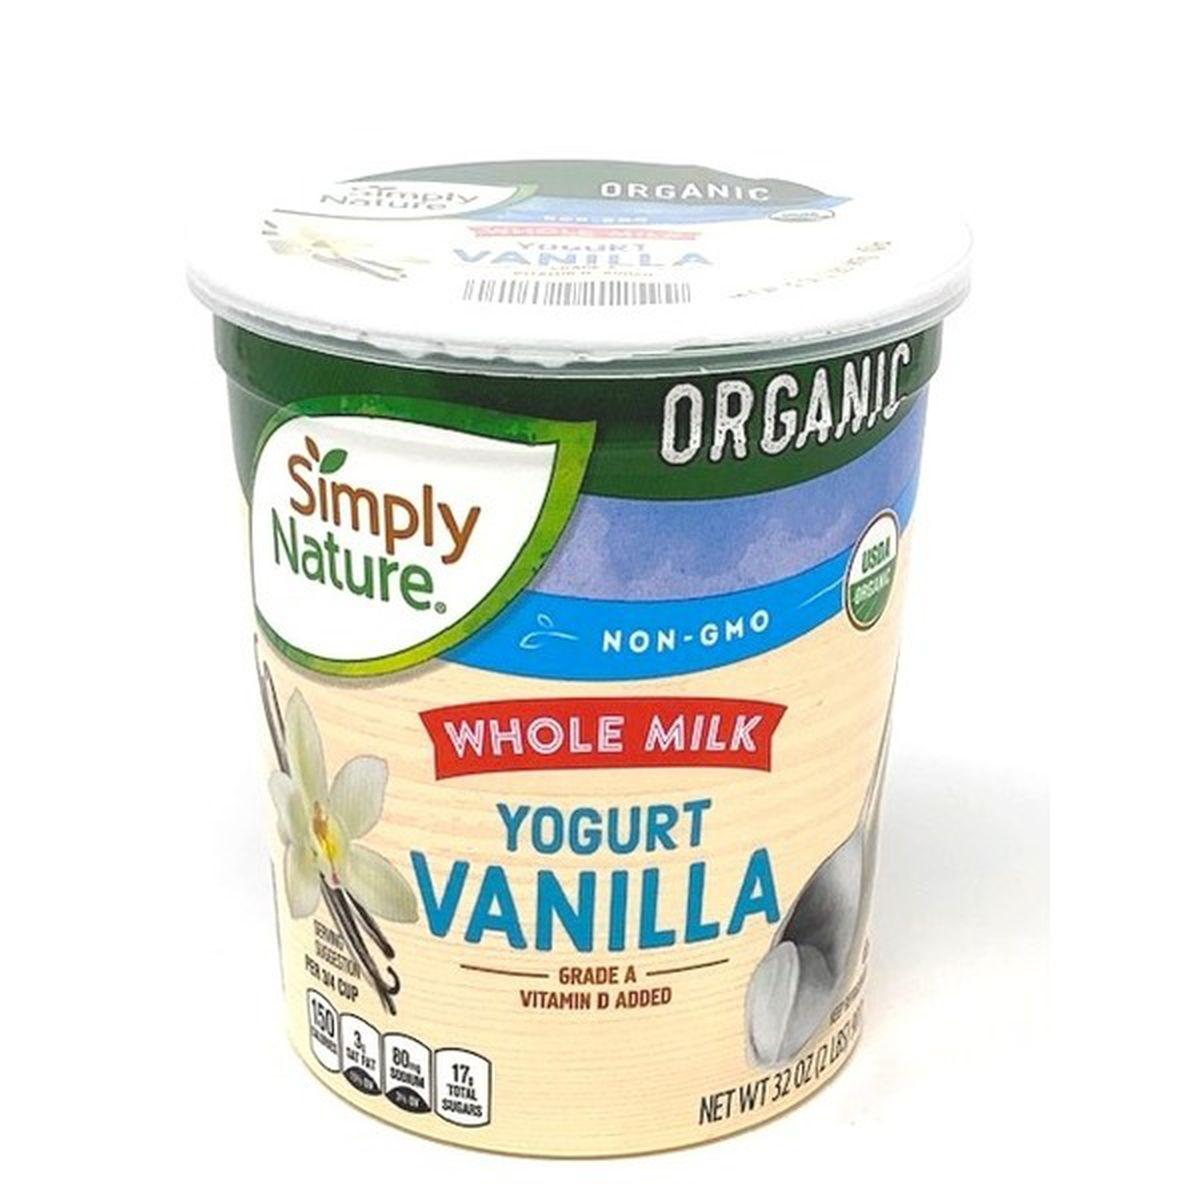 Organic Vanilla Yogurt